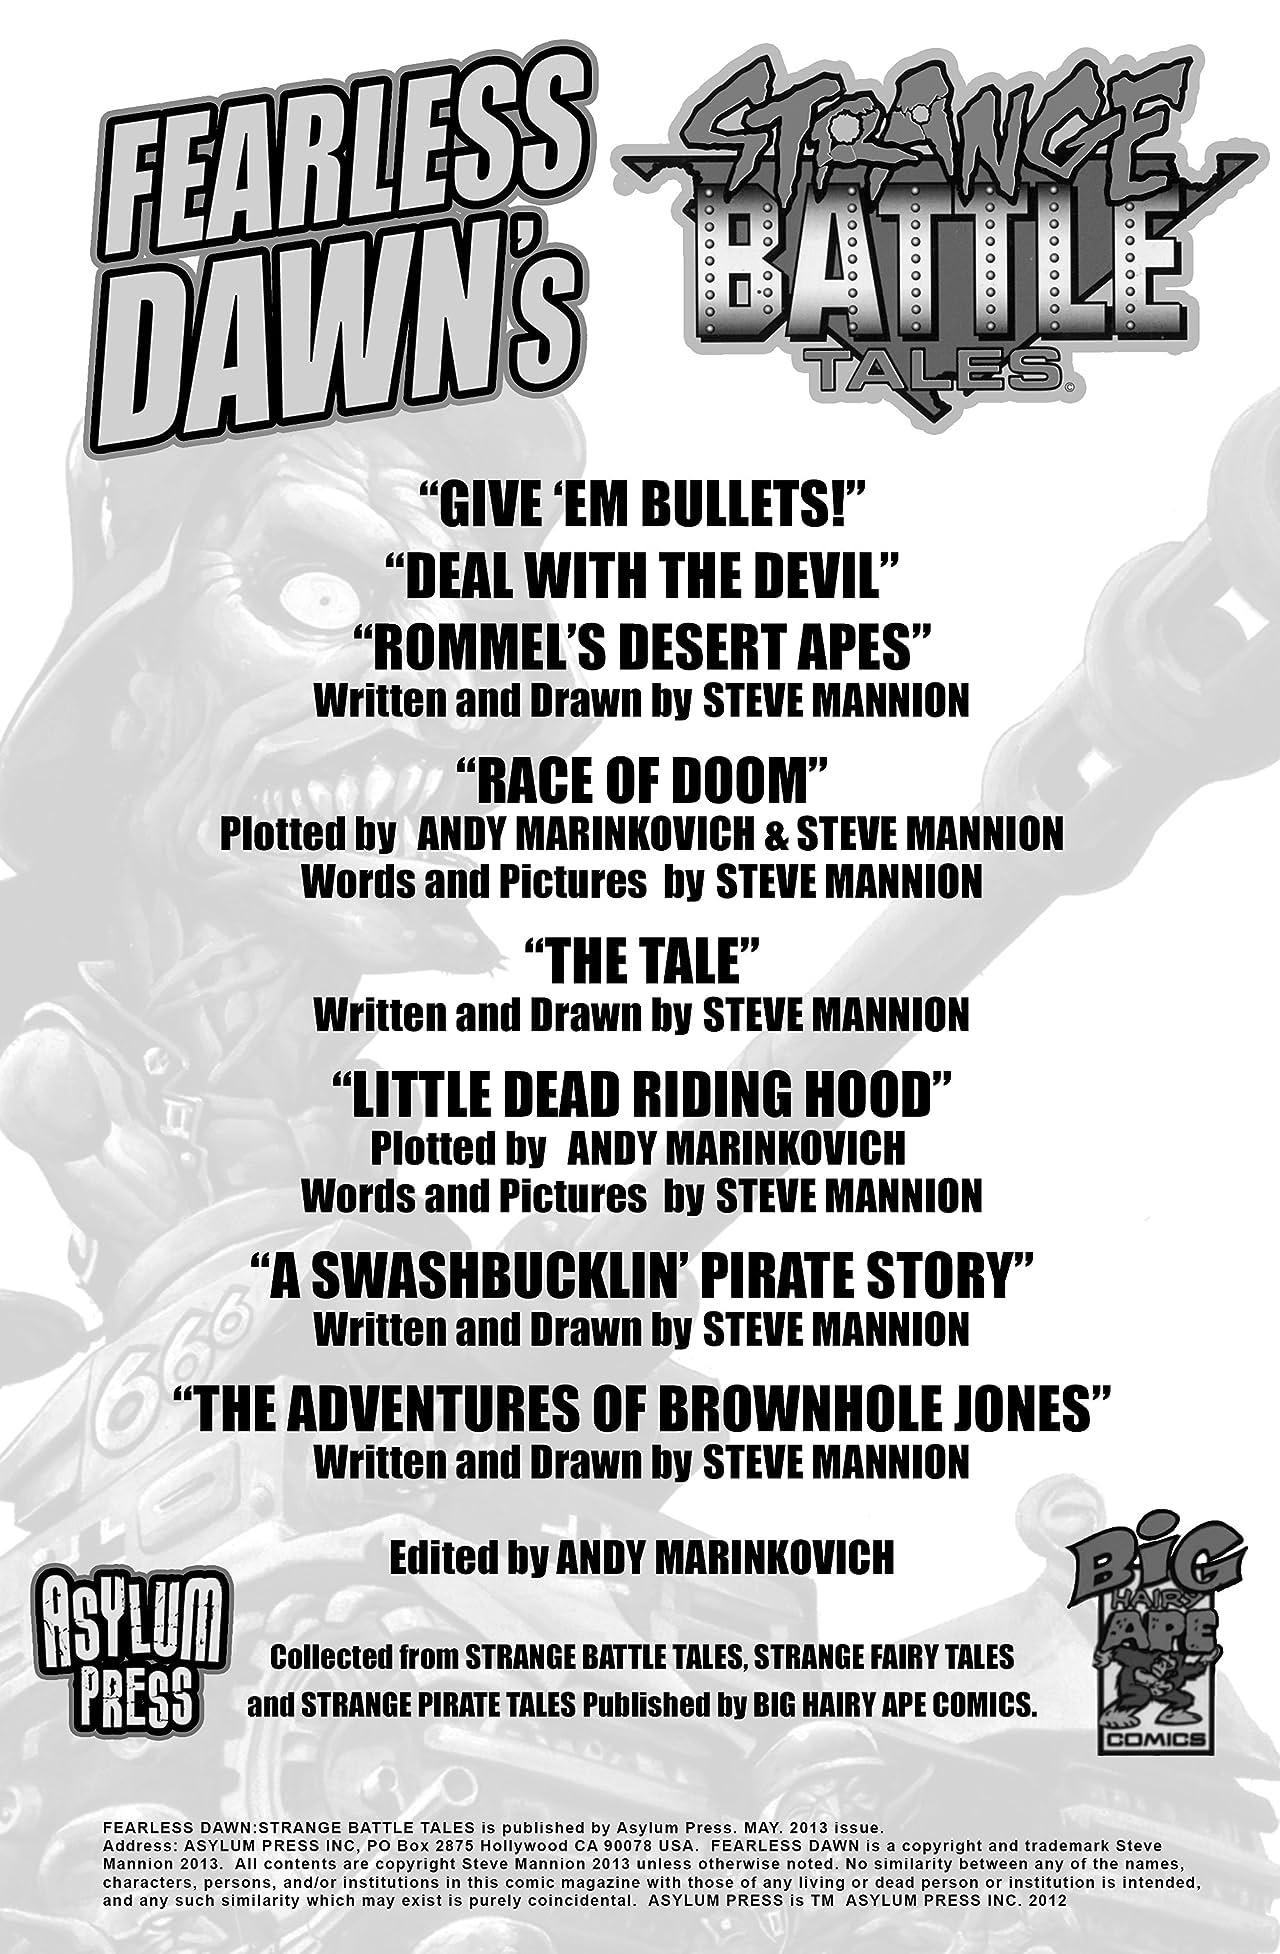 Fearless Dawn's Strange Battle Tales Vol. 1